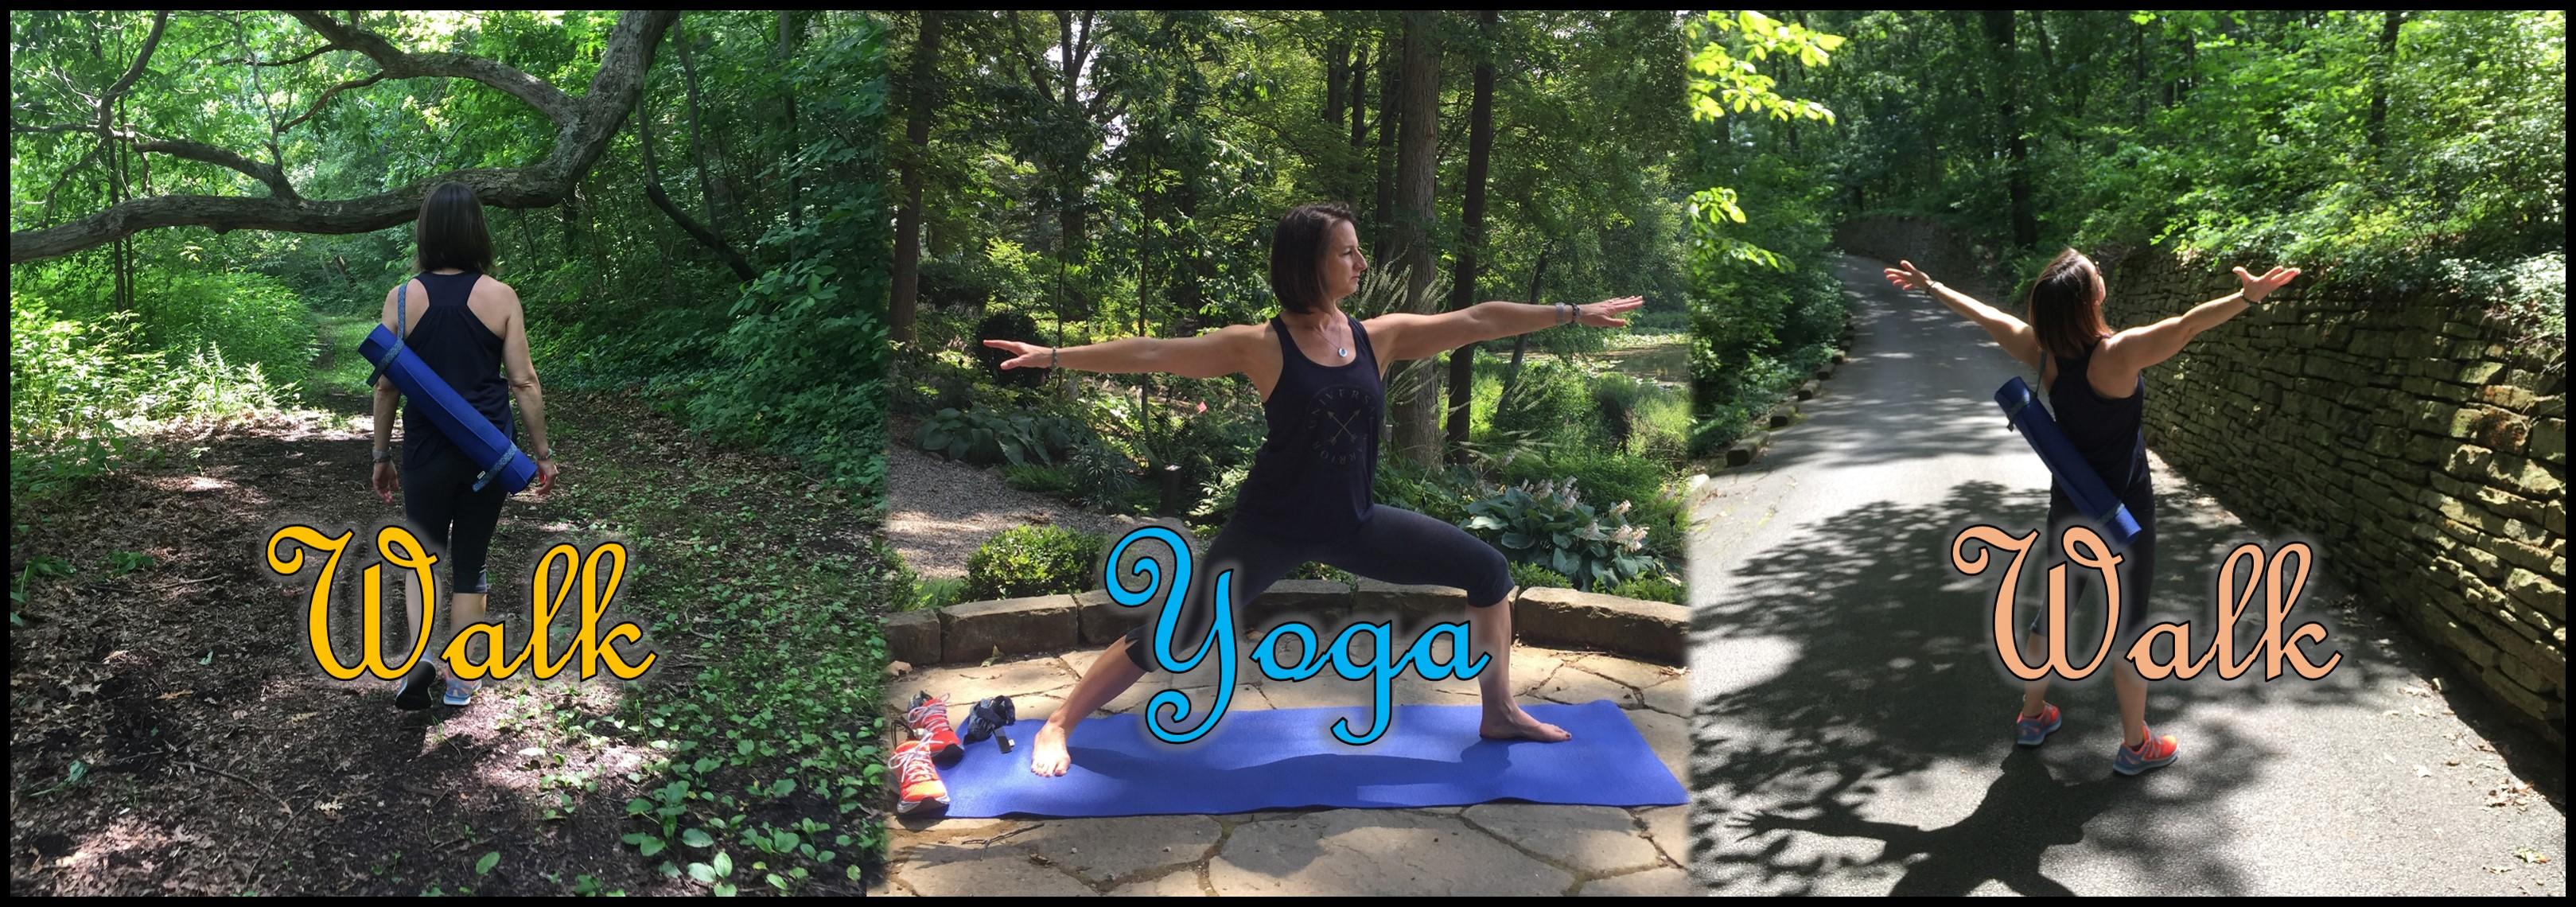 Walk-Yoga-Walk At Hidden Lake Gardens